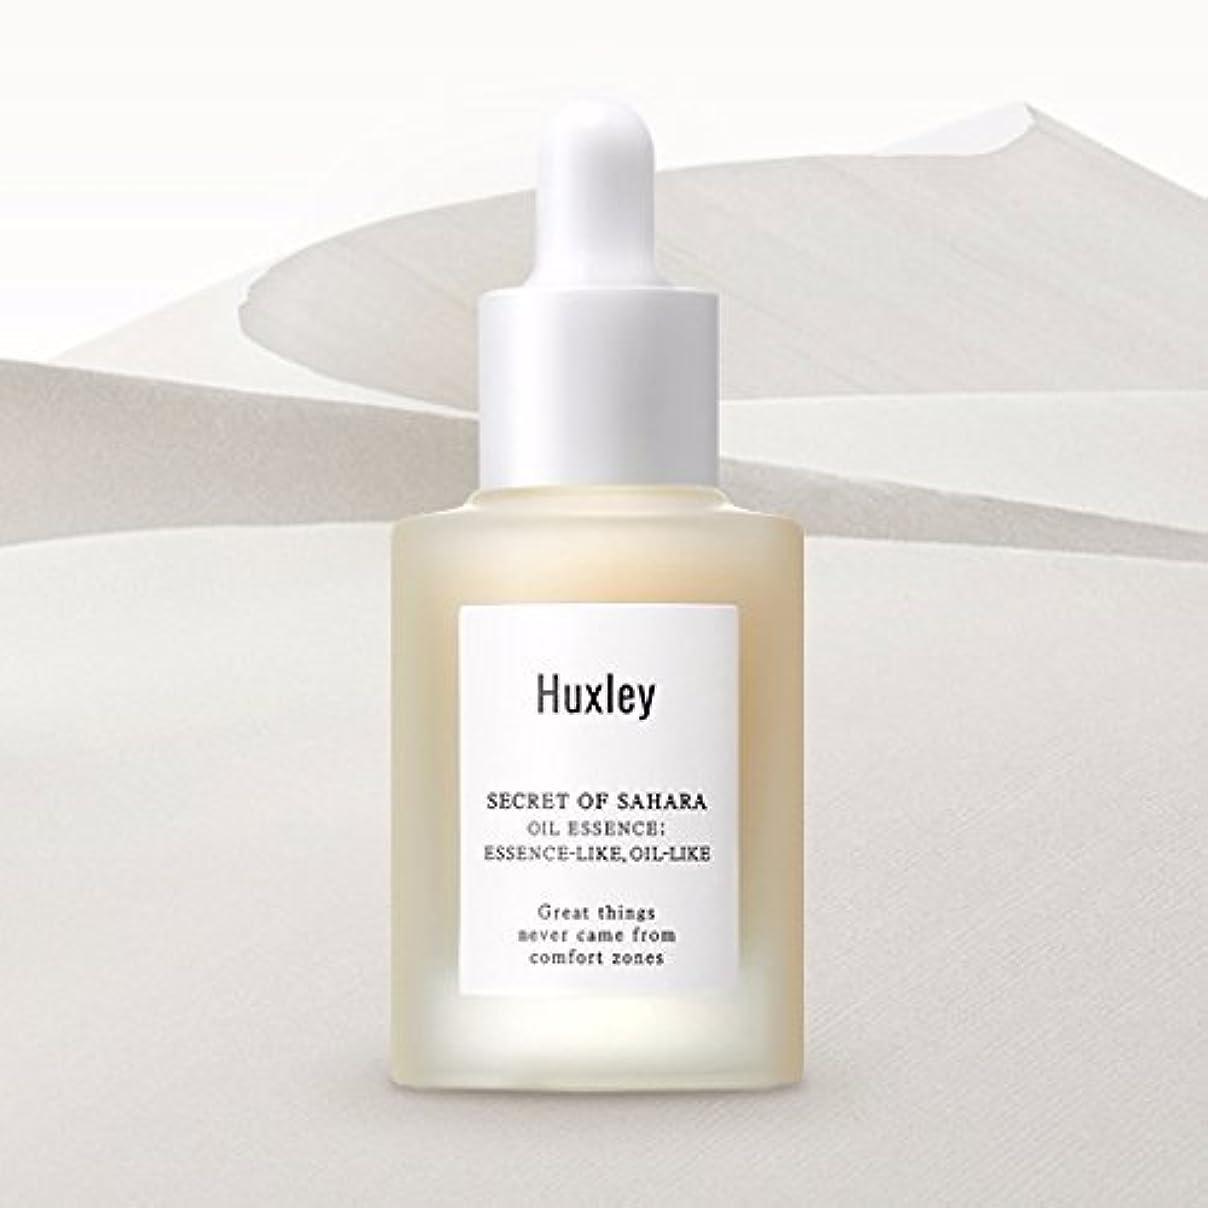 単なるレーニン主義獣ハクスリー サハラ砂漠の秘密オイルエッセンス30ml / Huxley Secret of Sahara OIL Essence (Essence-Like, Oil-Like) 30ml (1.01fl.oz.) Made...